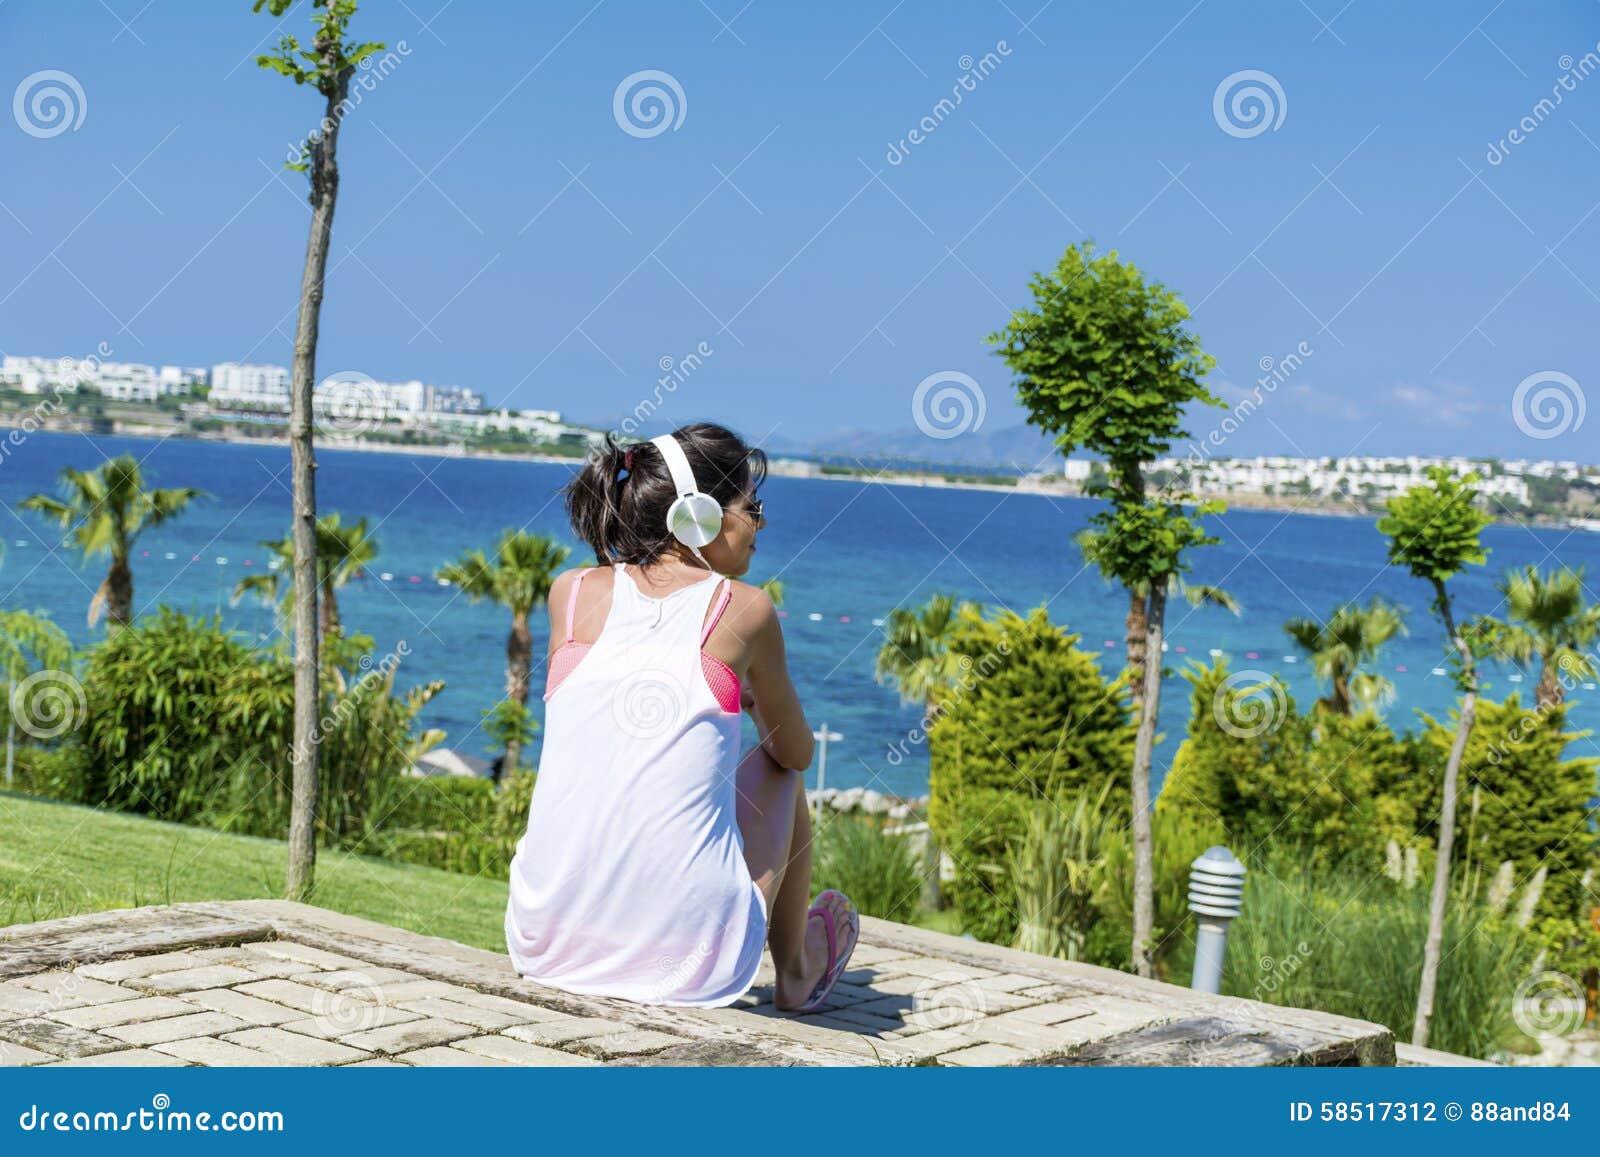 Portret van mooie jonge vrouw het luisteren muziek op een overzeese achtergrond